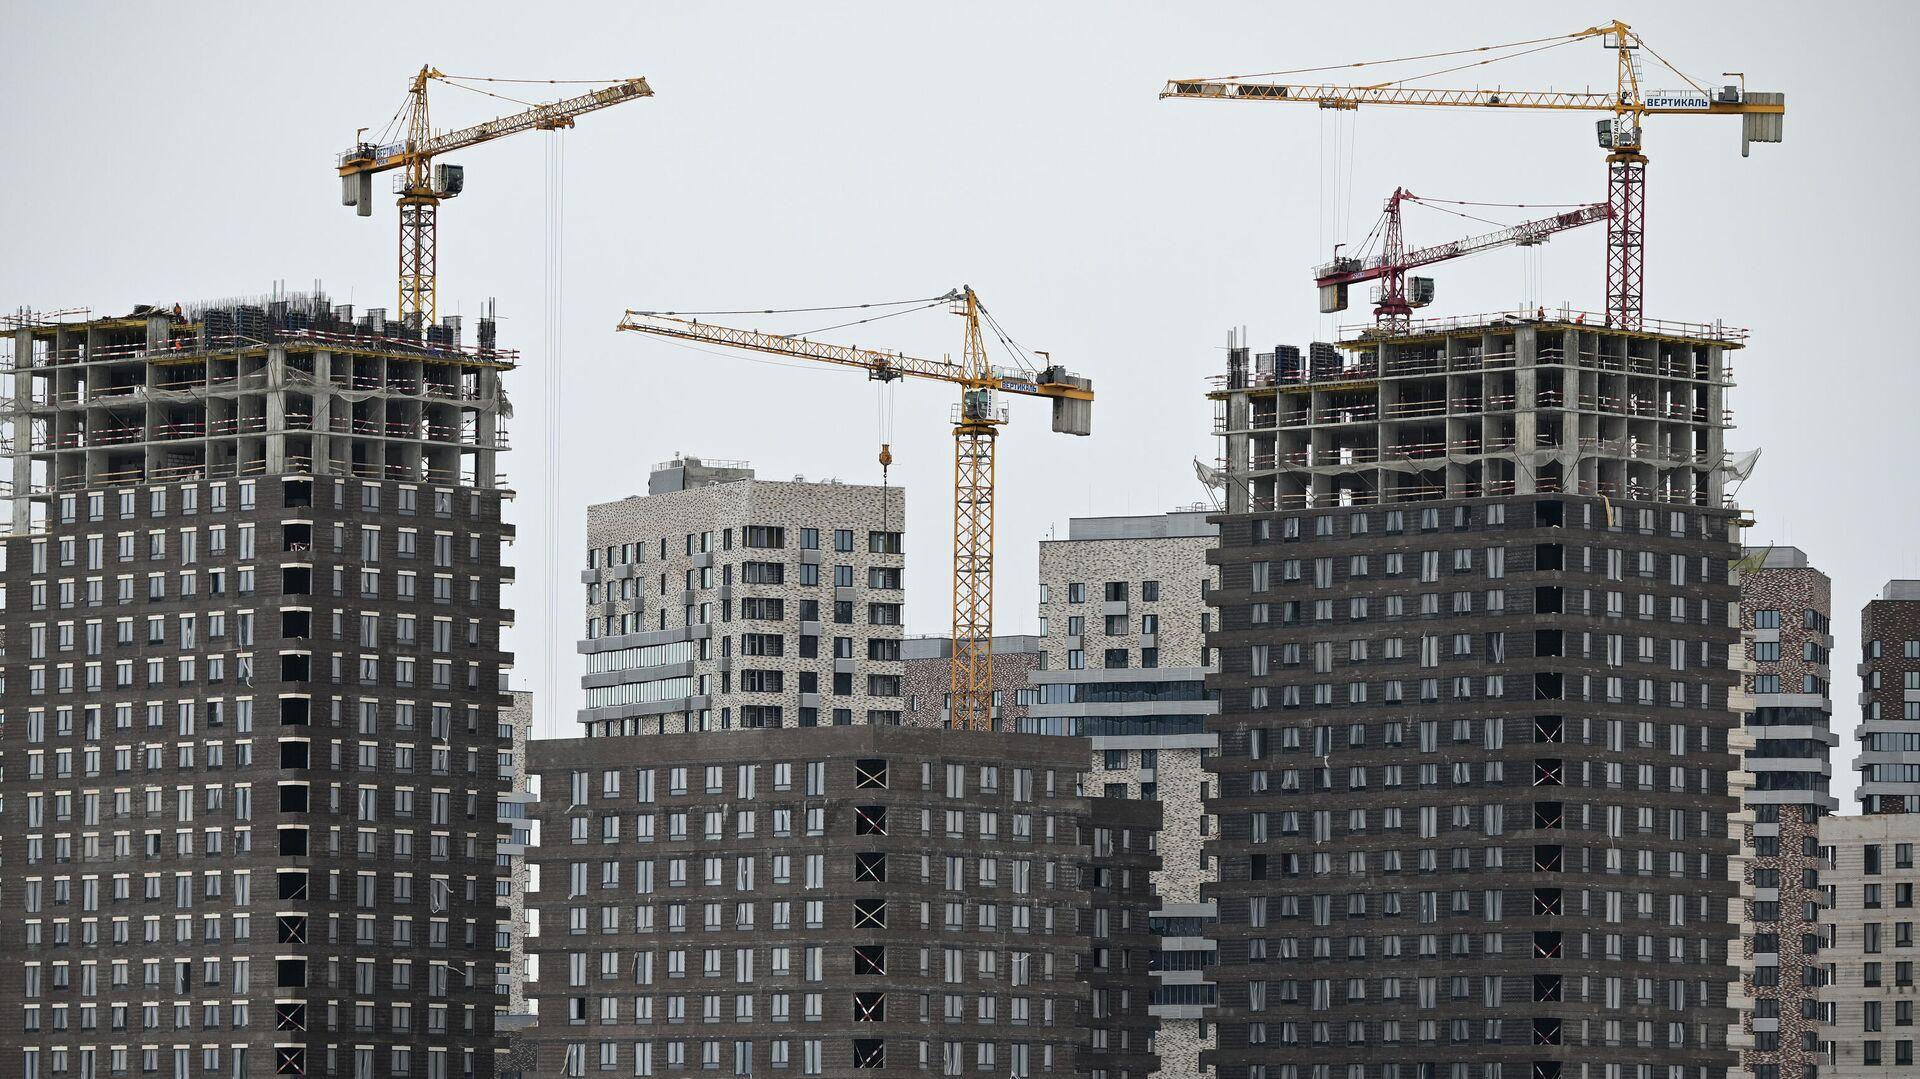 Строительство жилья - РИА Новости, 1920, 25.05.2021